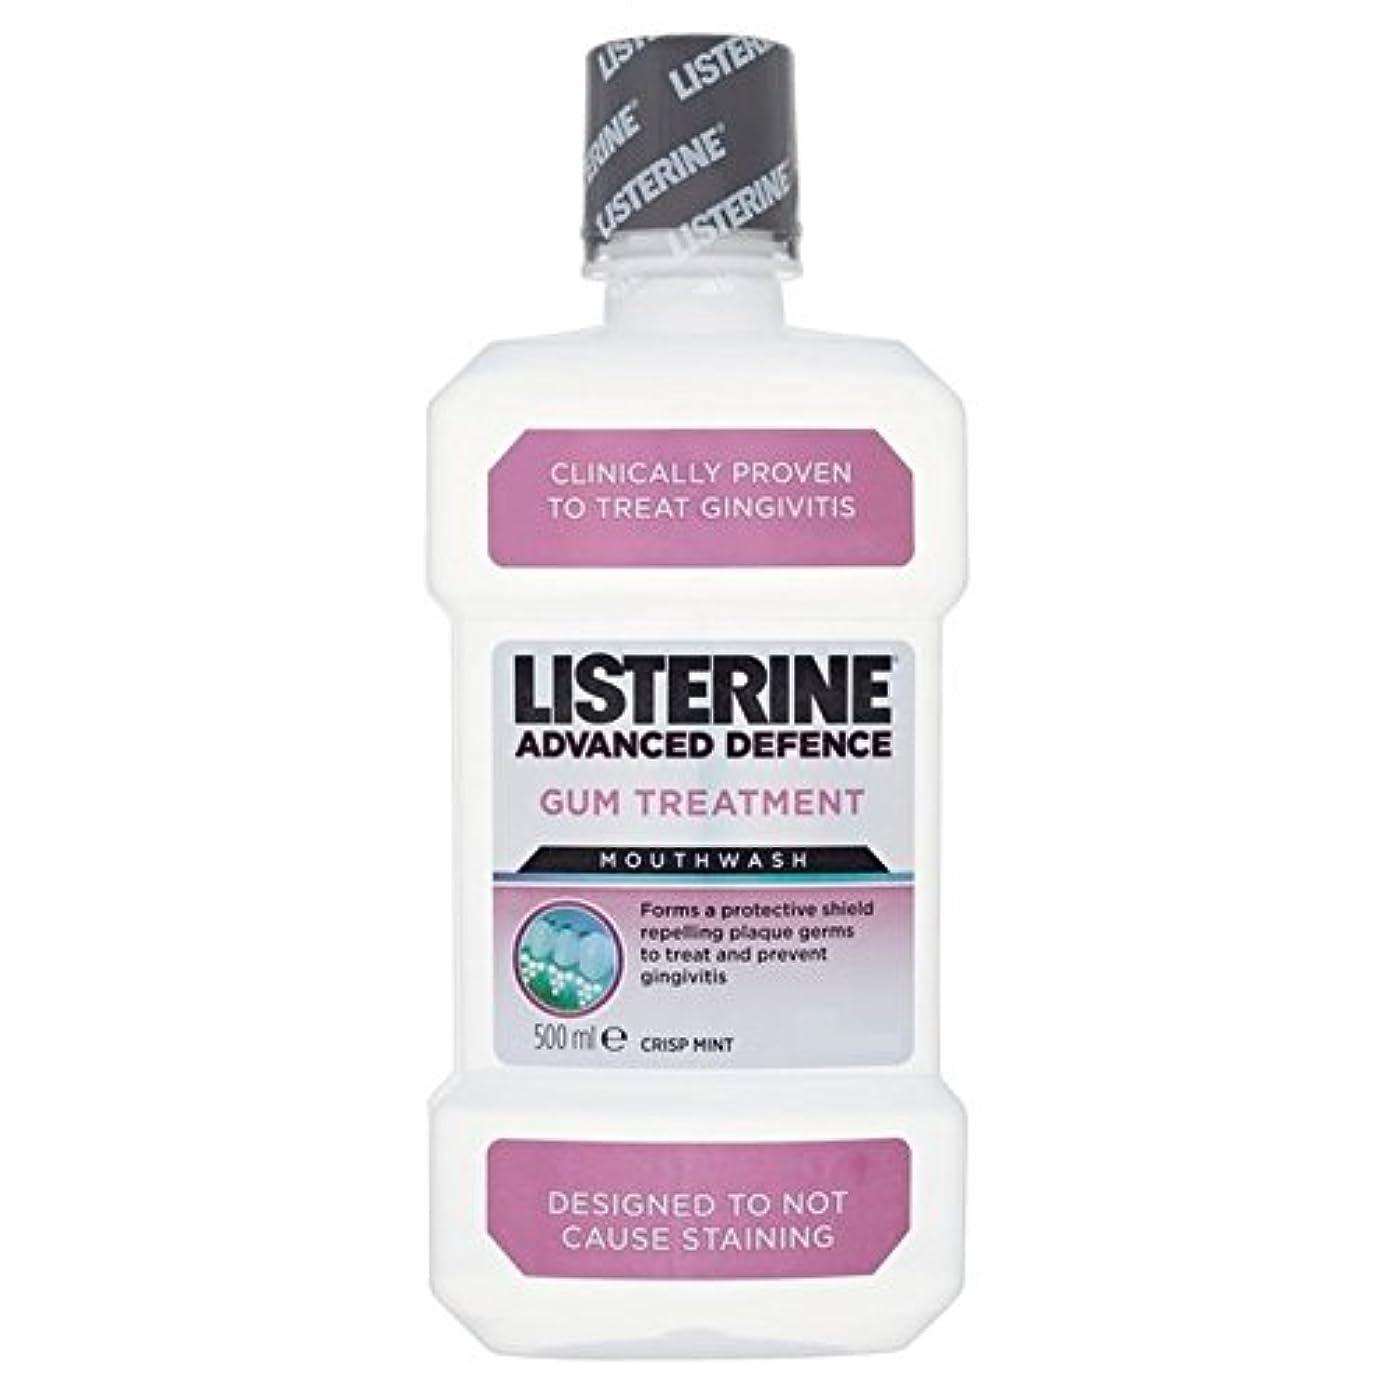 征服者楽観老朽化したリステリン高度な防衛ガム療法の500ミリリットル x2 - Listerine Advanced Defence Gum Therapy 500ml (Pack of 2) [並行輸入品]